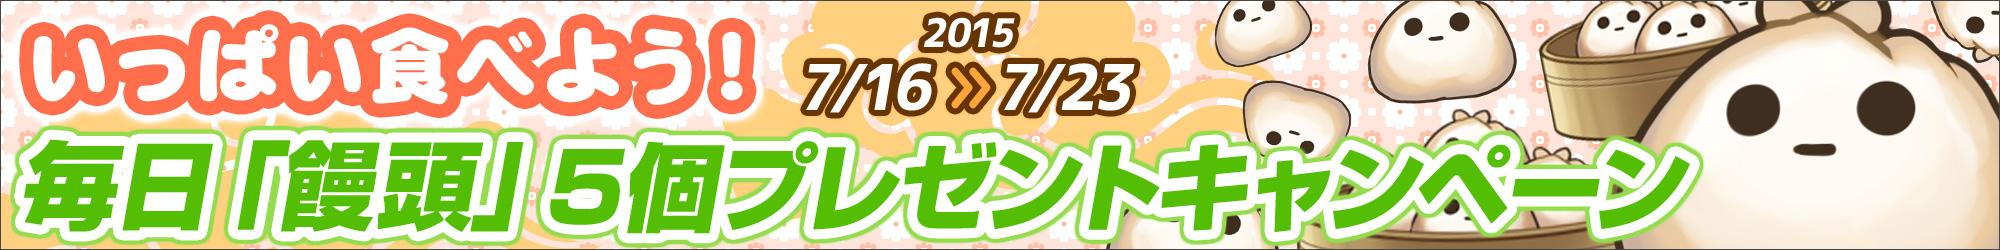 【リリース記念】いっぱい食べよう!毎日「饅頭」5個プレゼントキャンペーン!